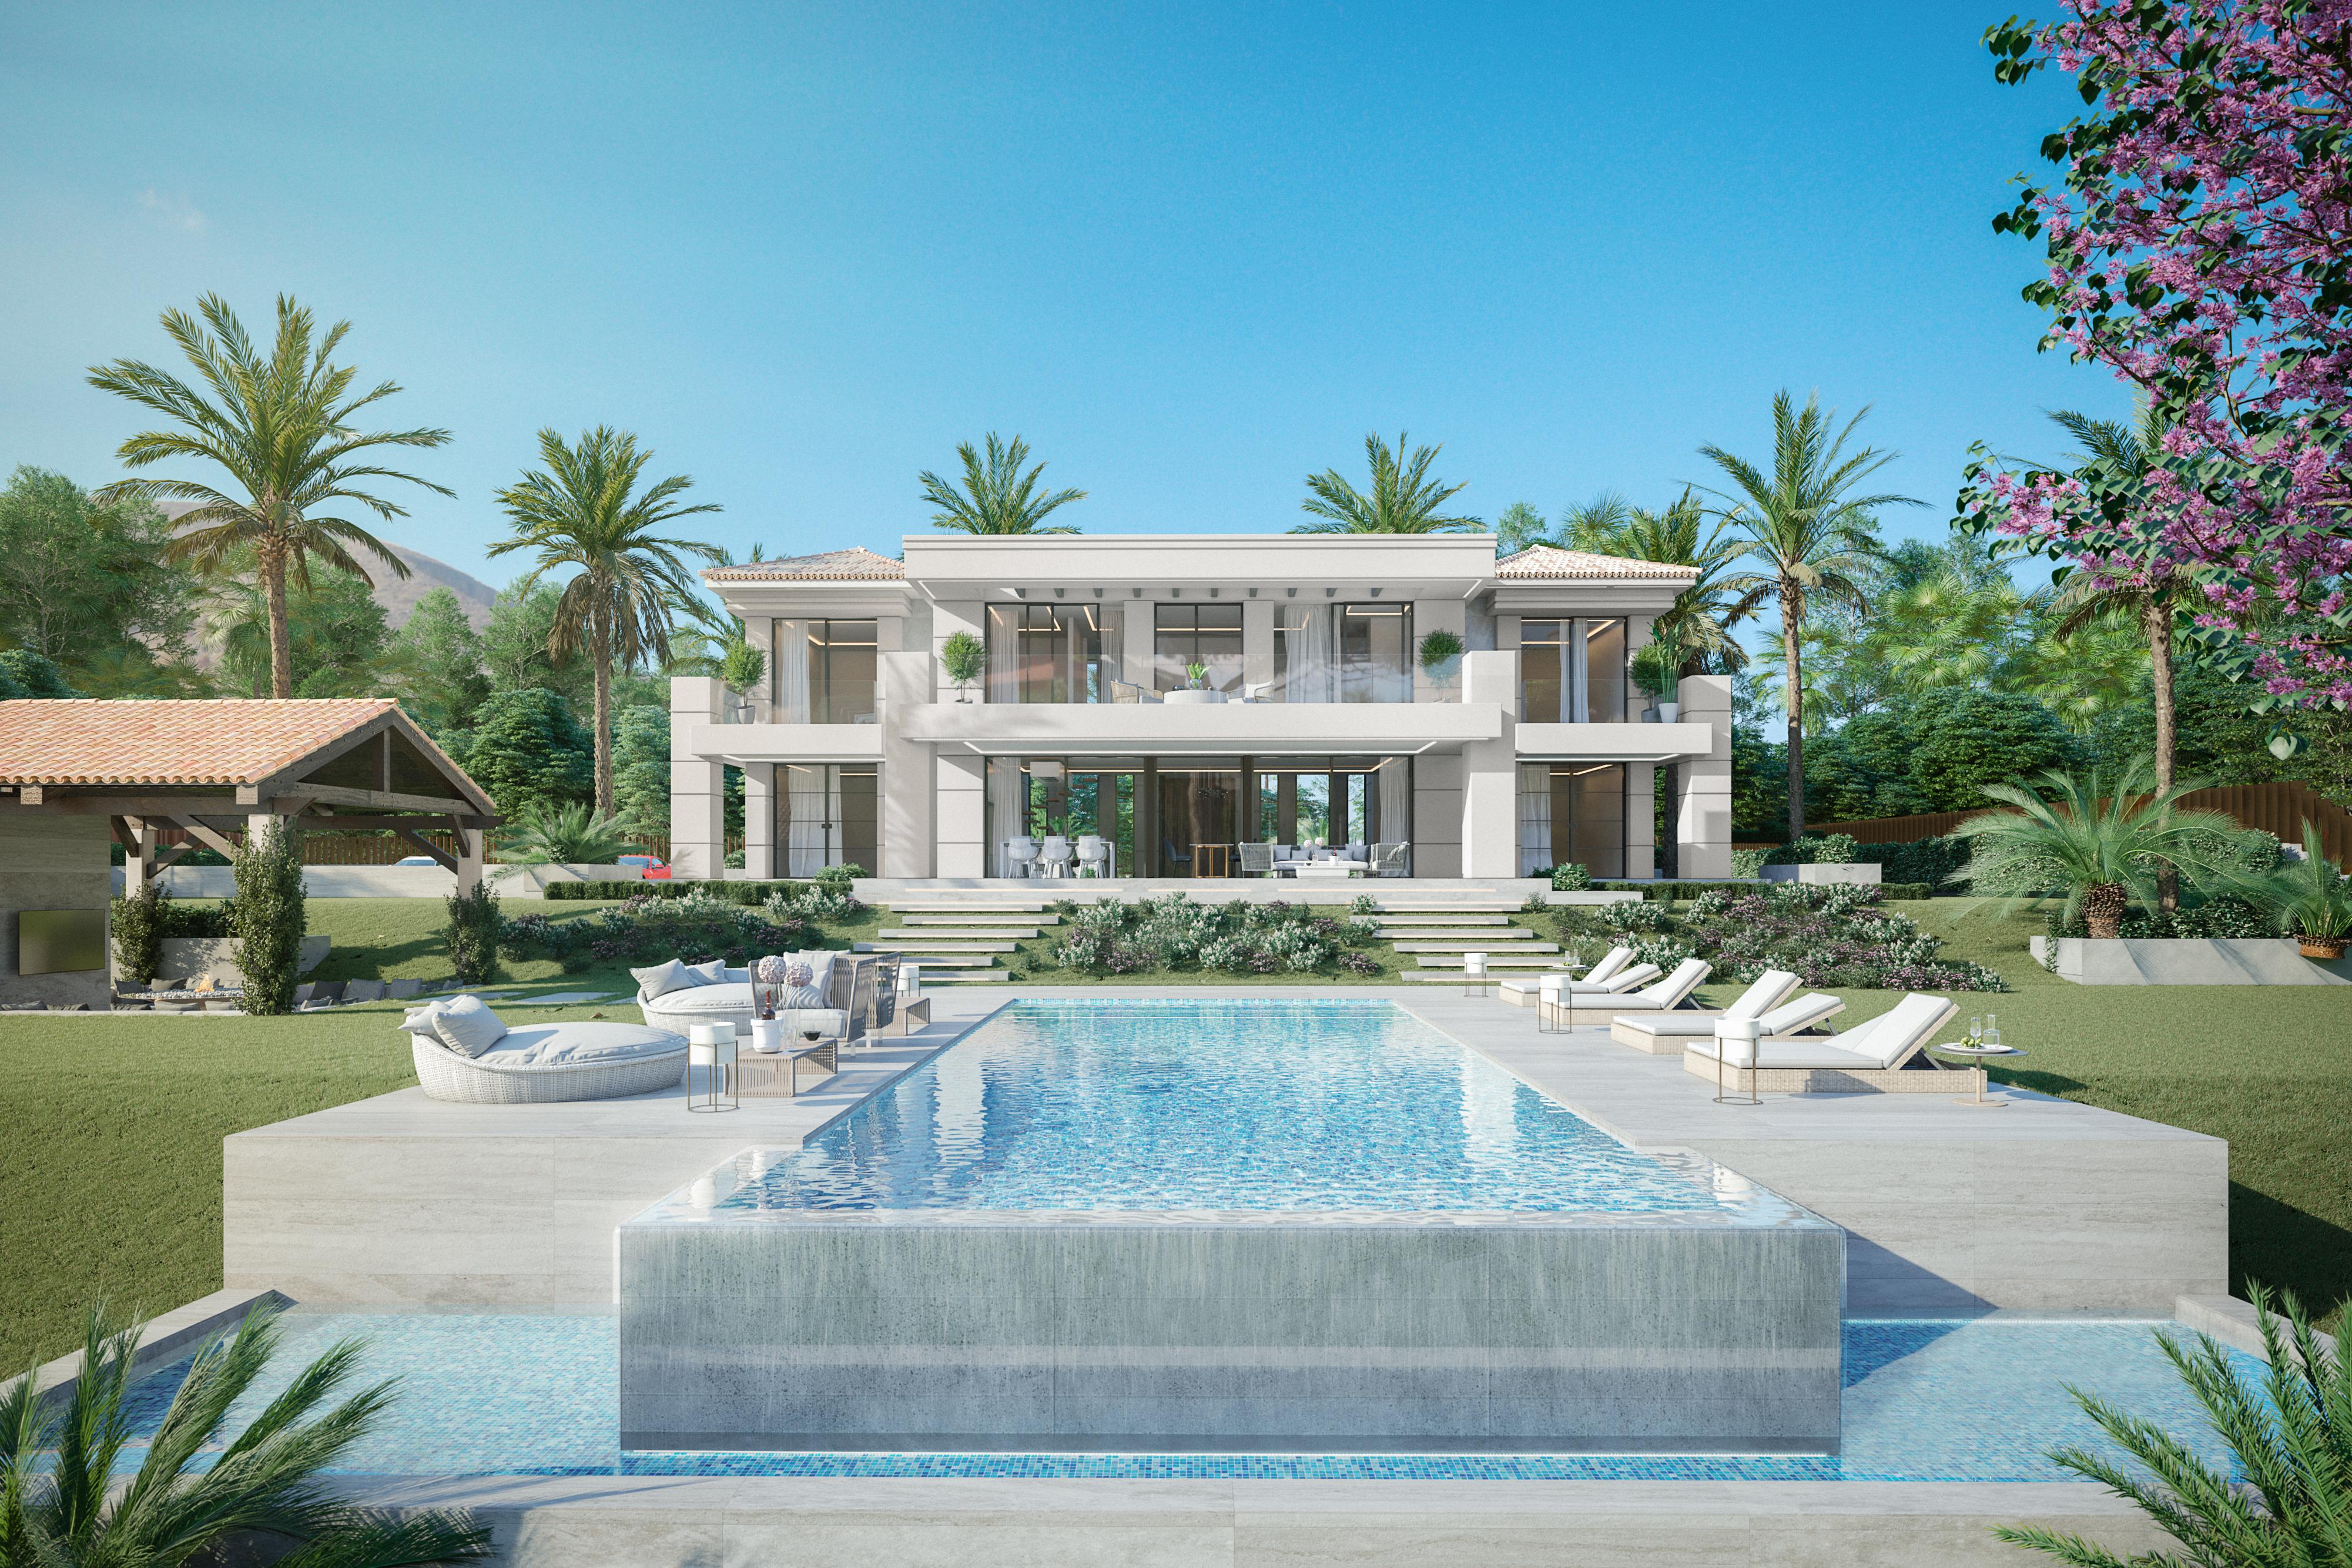 Ref:359-00124P Villa For Sale in Benahavis